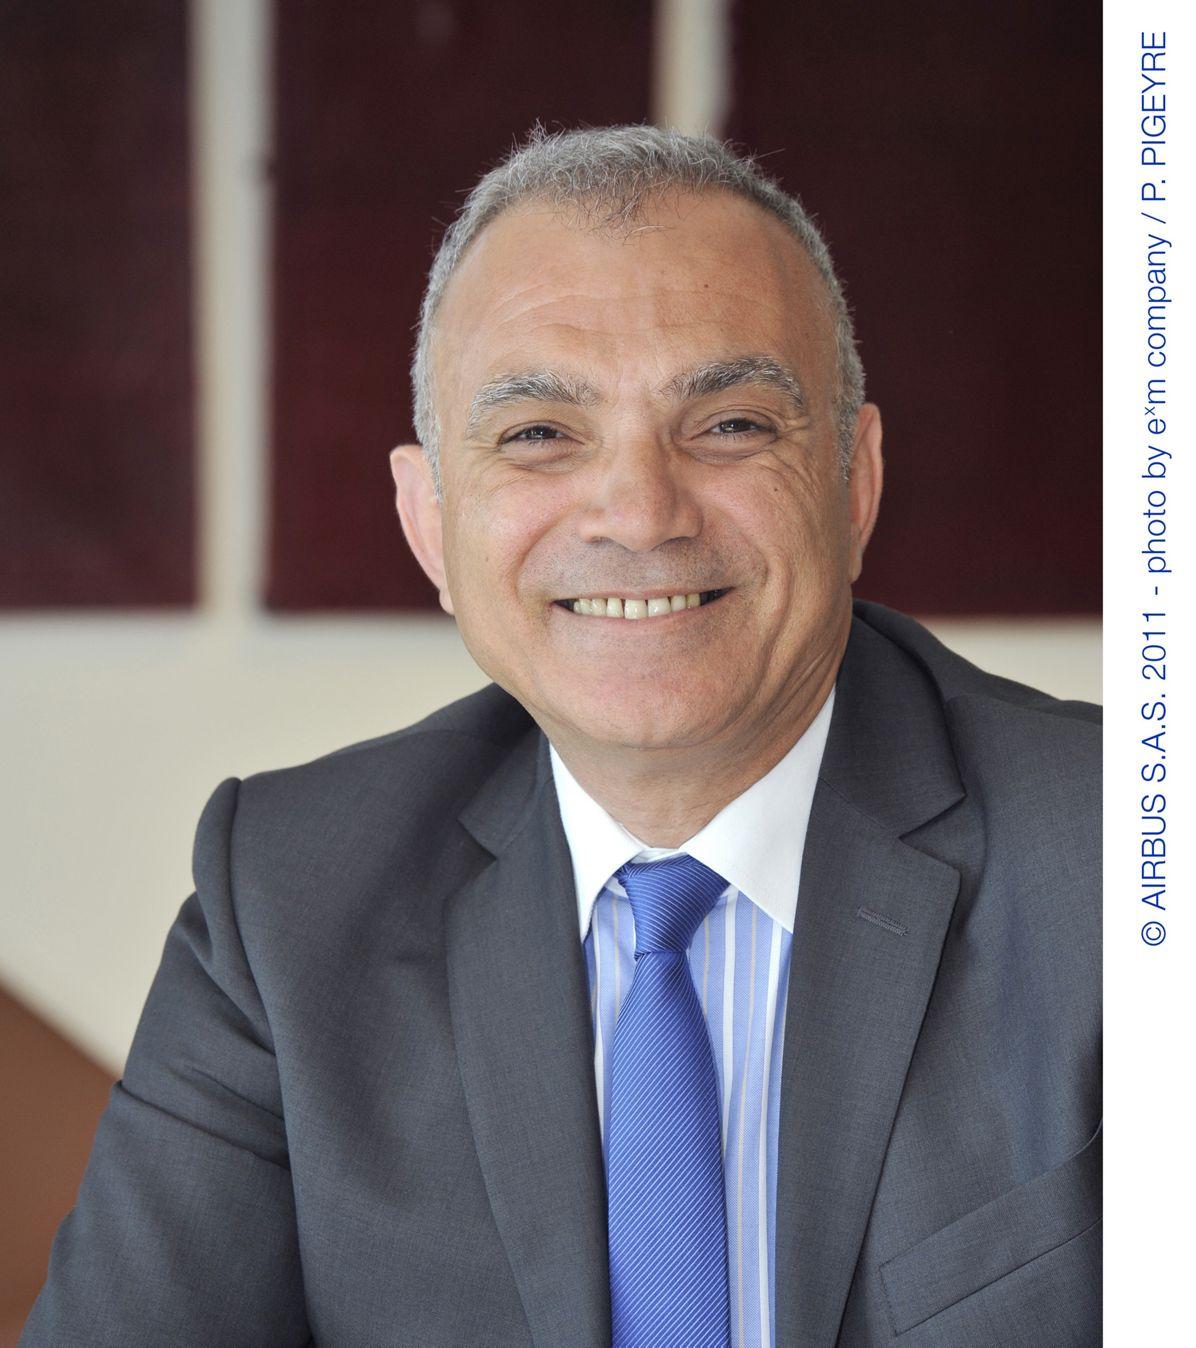 Fouad Attar